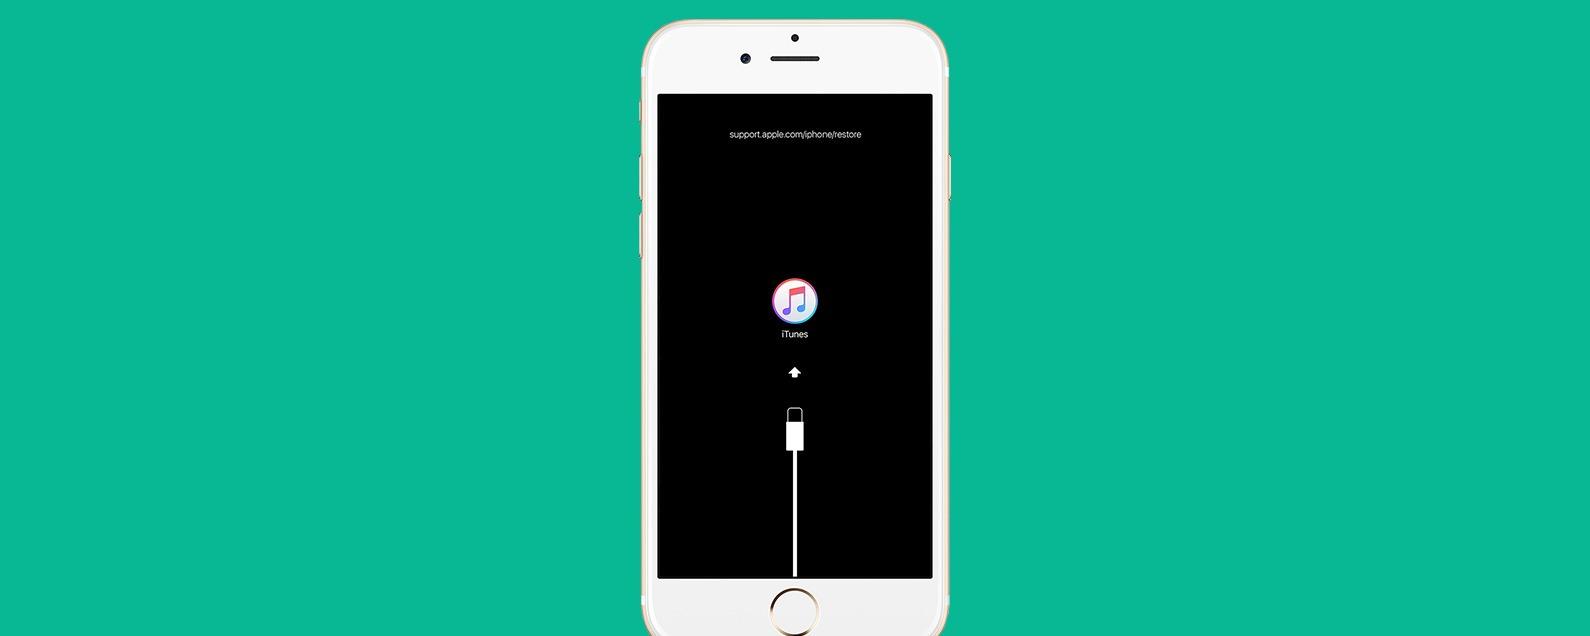 Best online hookup apps 2018 download itunes